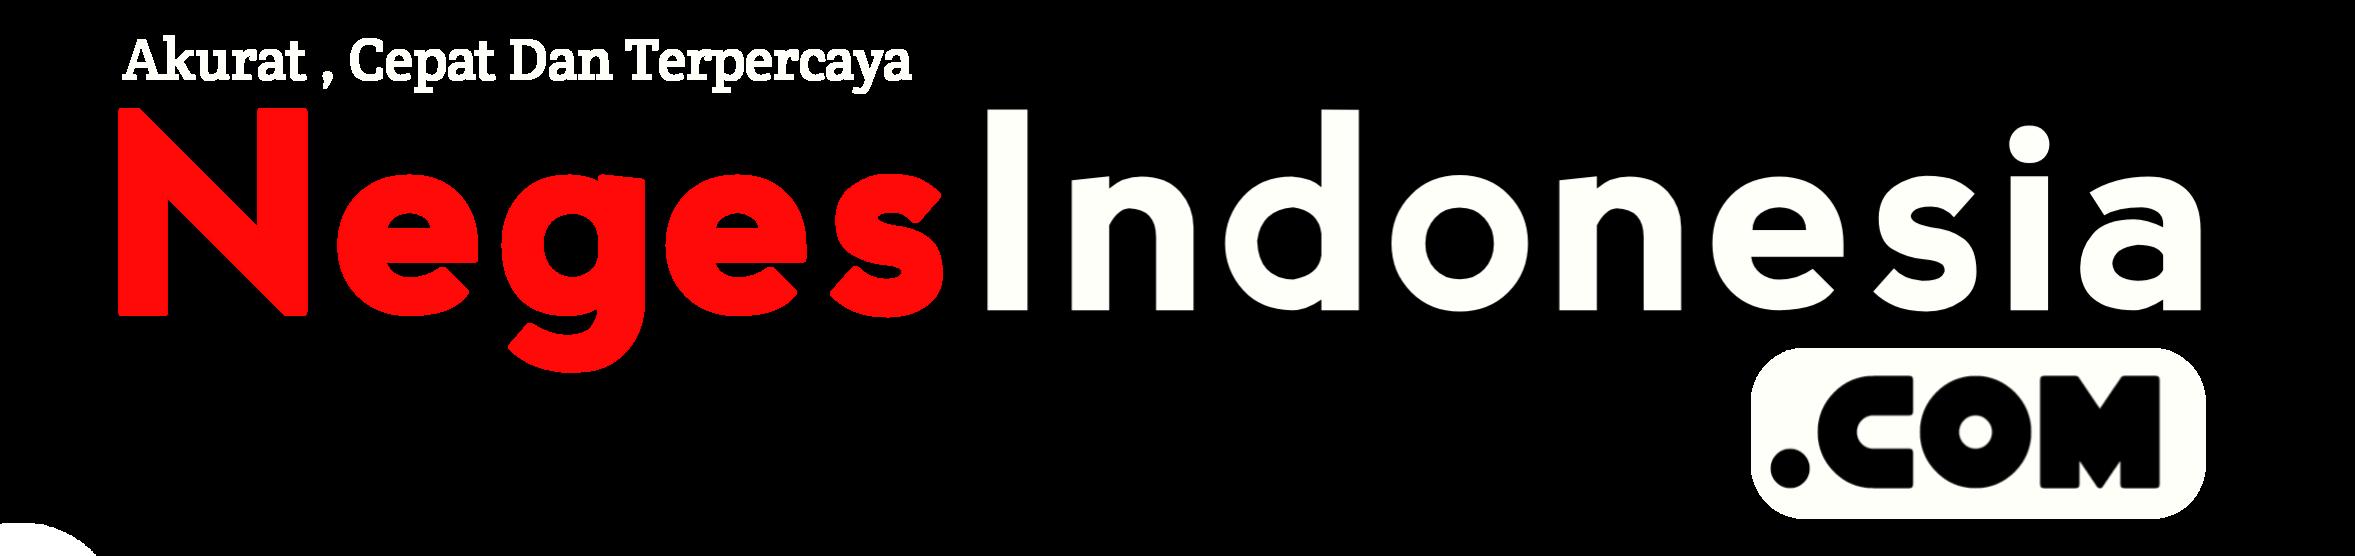 Negesindonesia.com